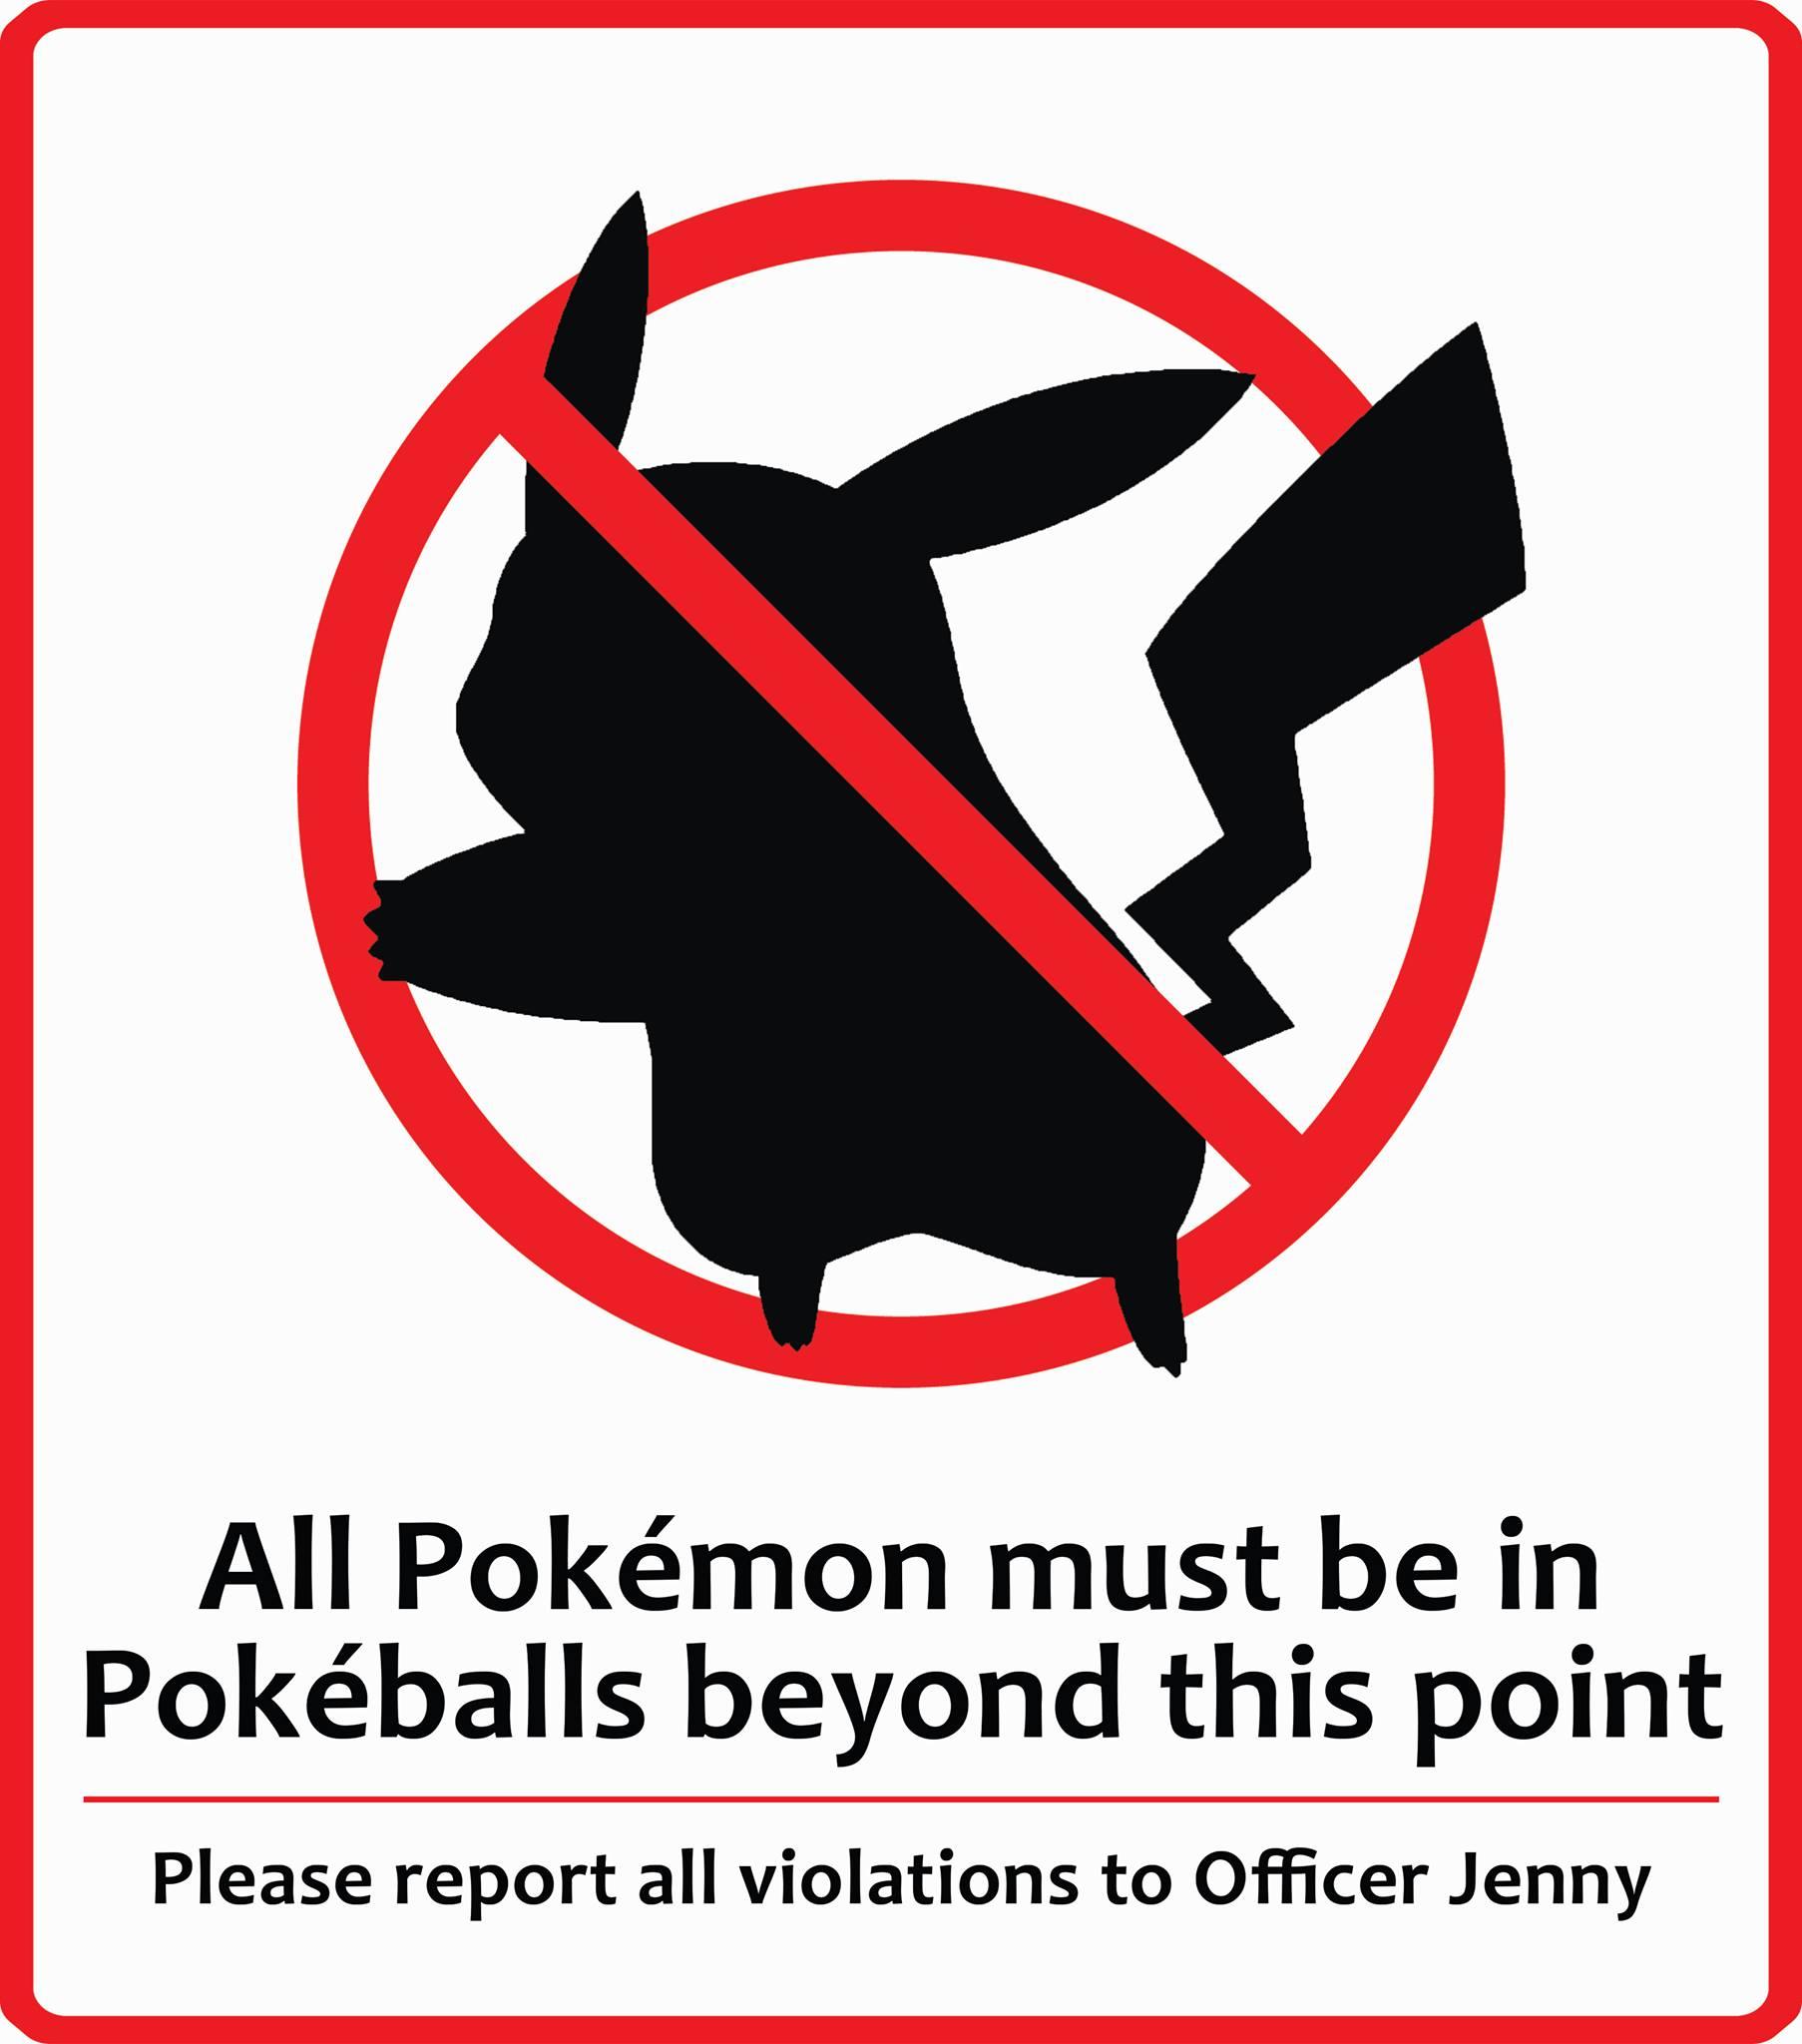 IMG:http://orig05.deviantart.net/e1da/f/2015/302/2/0/pokemon_warning_sign_by_alweron-d9er7x5.jpg